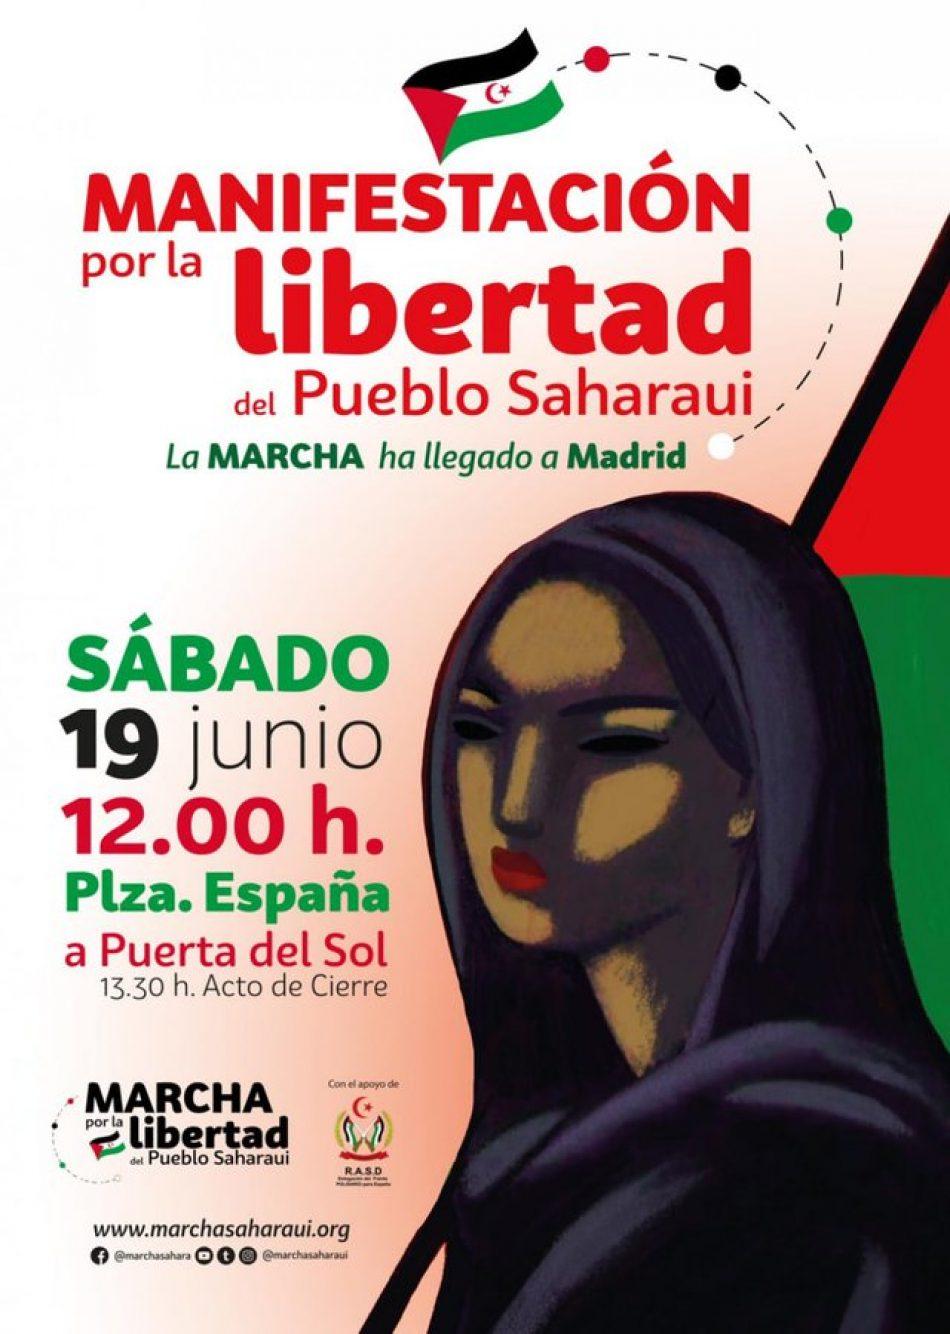 """Izquierda Unida muestra su """"total apoyo"""" a la Marcha por la Libertad del Pueblo Saharaui cuyas columnas se unen mañana en Madrid y llama a participar en la manifestación del sábado"""